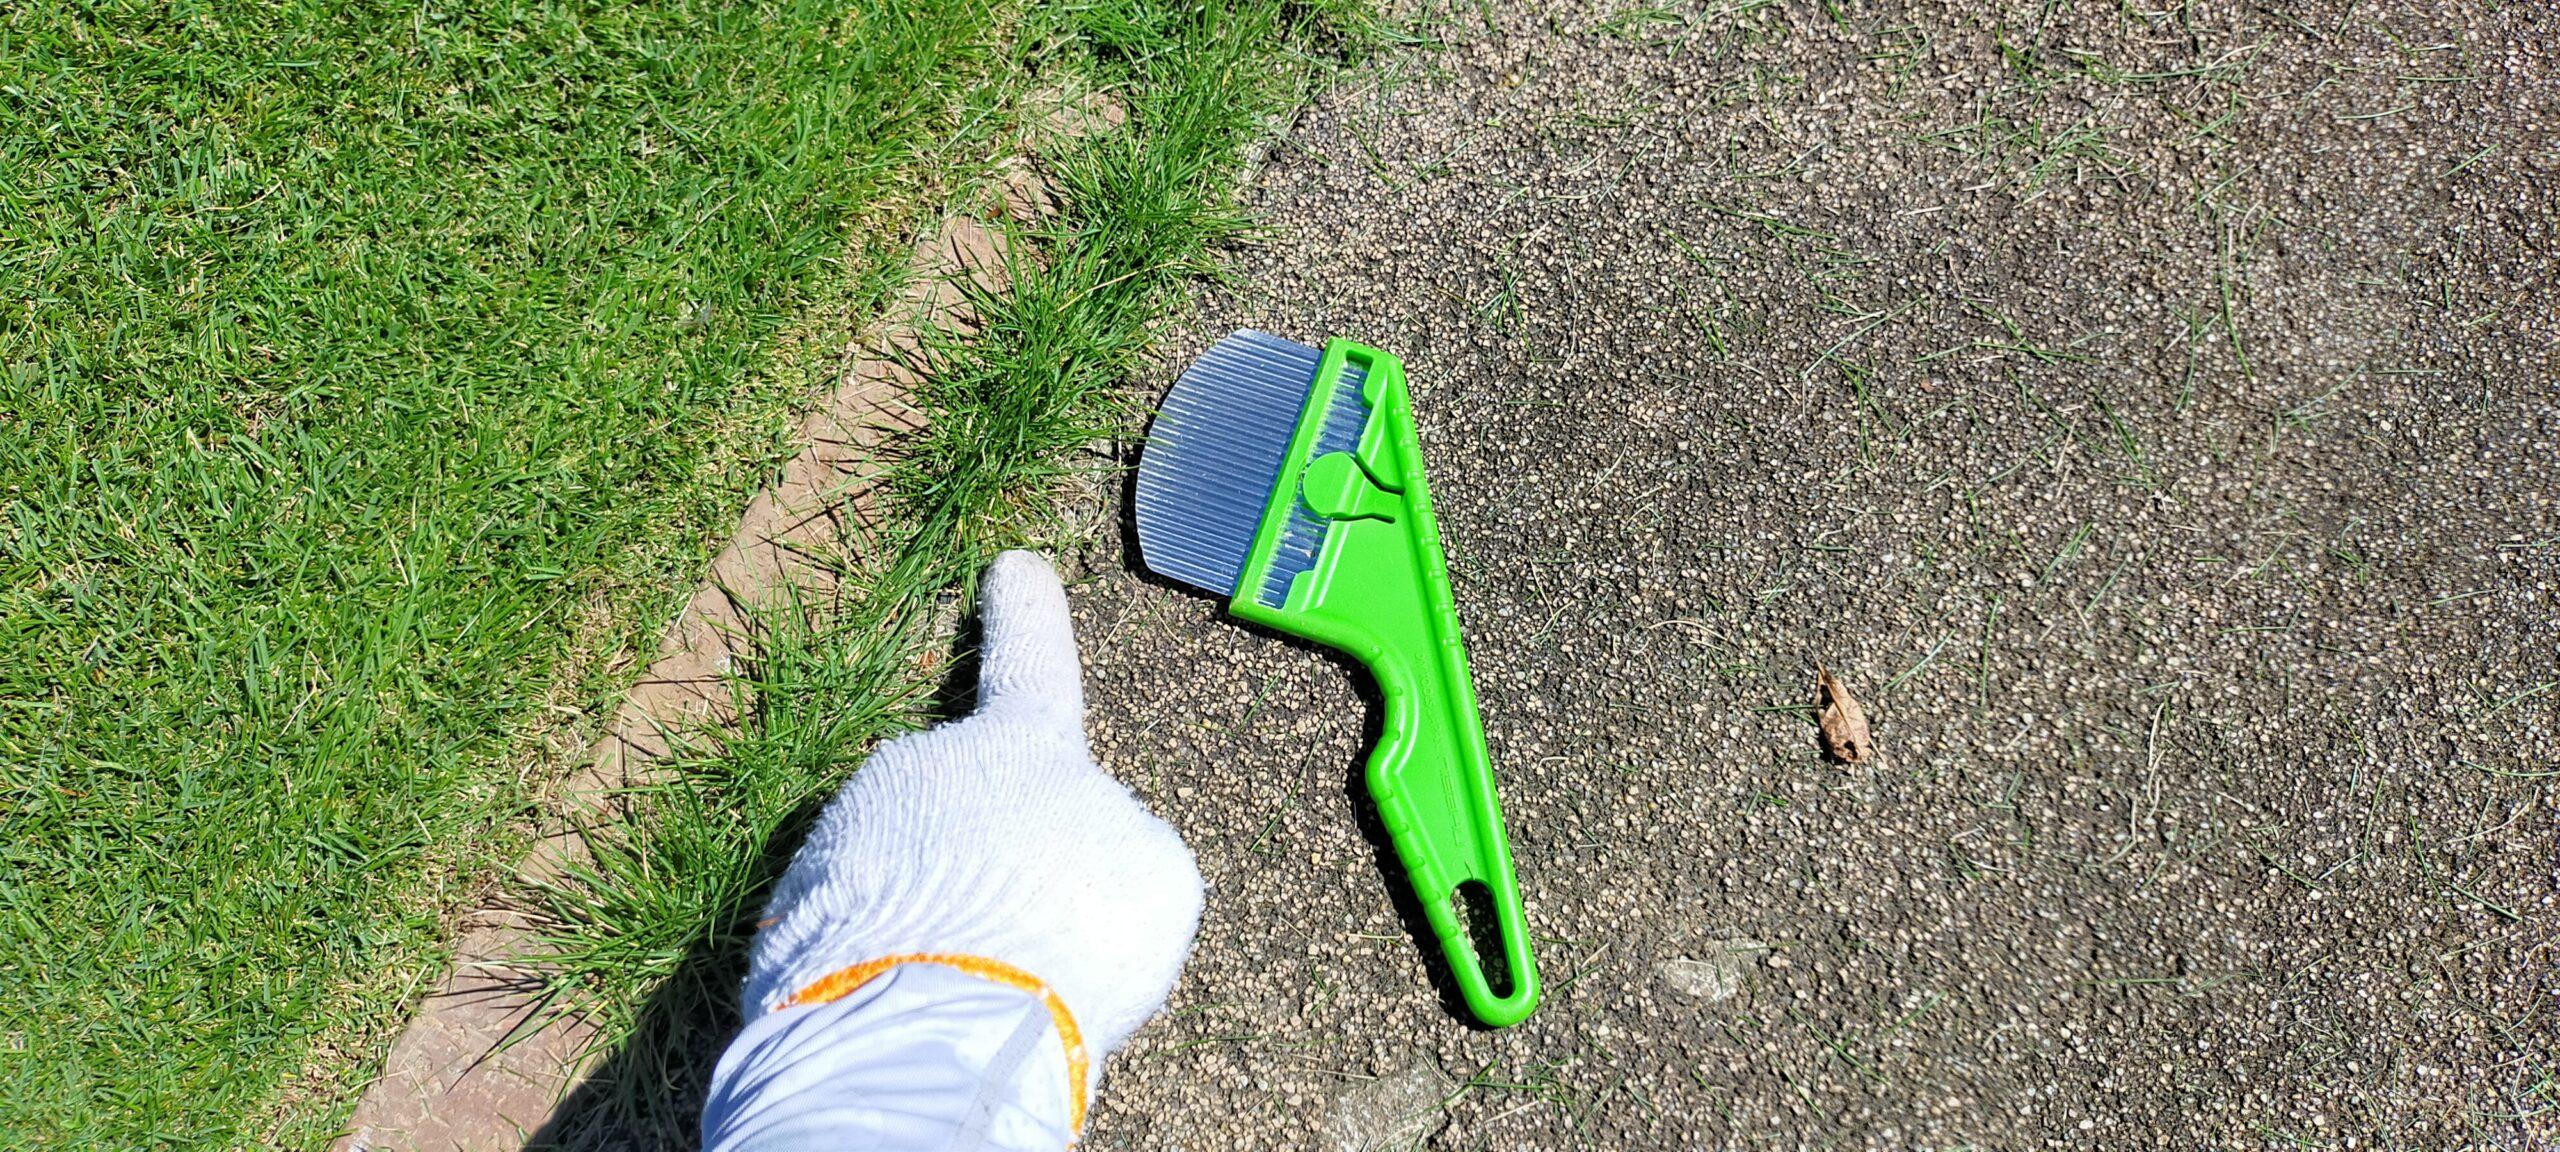 ハミ出た芝生の処理に困っていませんか😄✨【stand.fm】